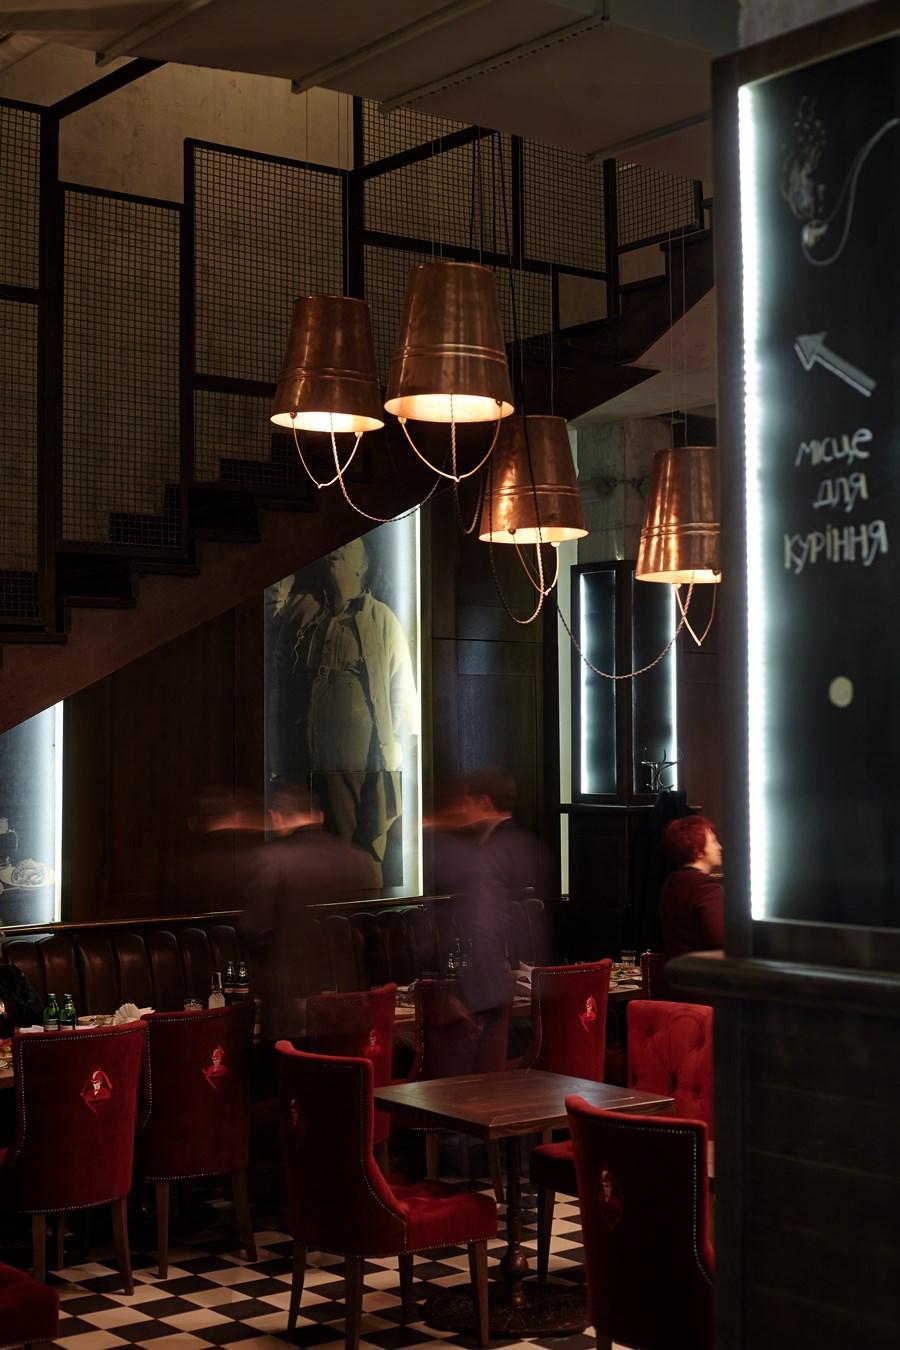 Kumpel restaurant by ARS-IDEA 16